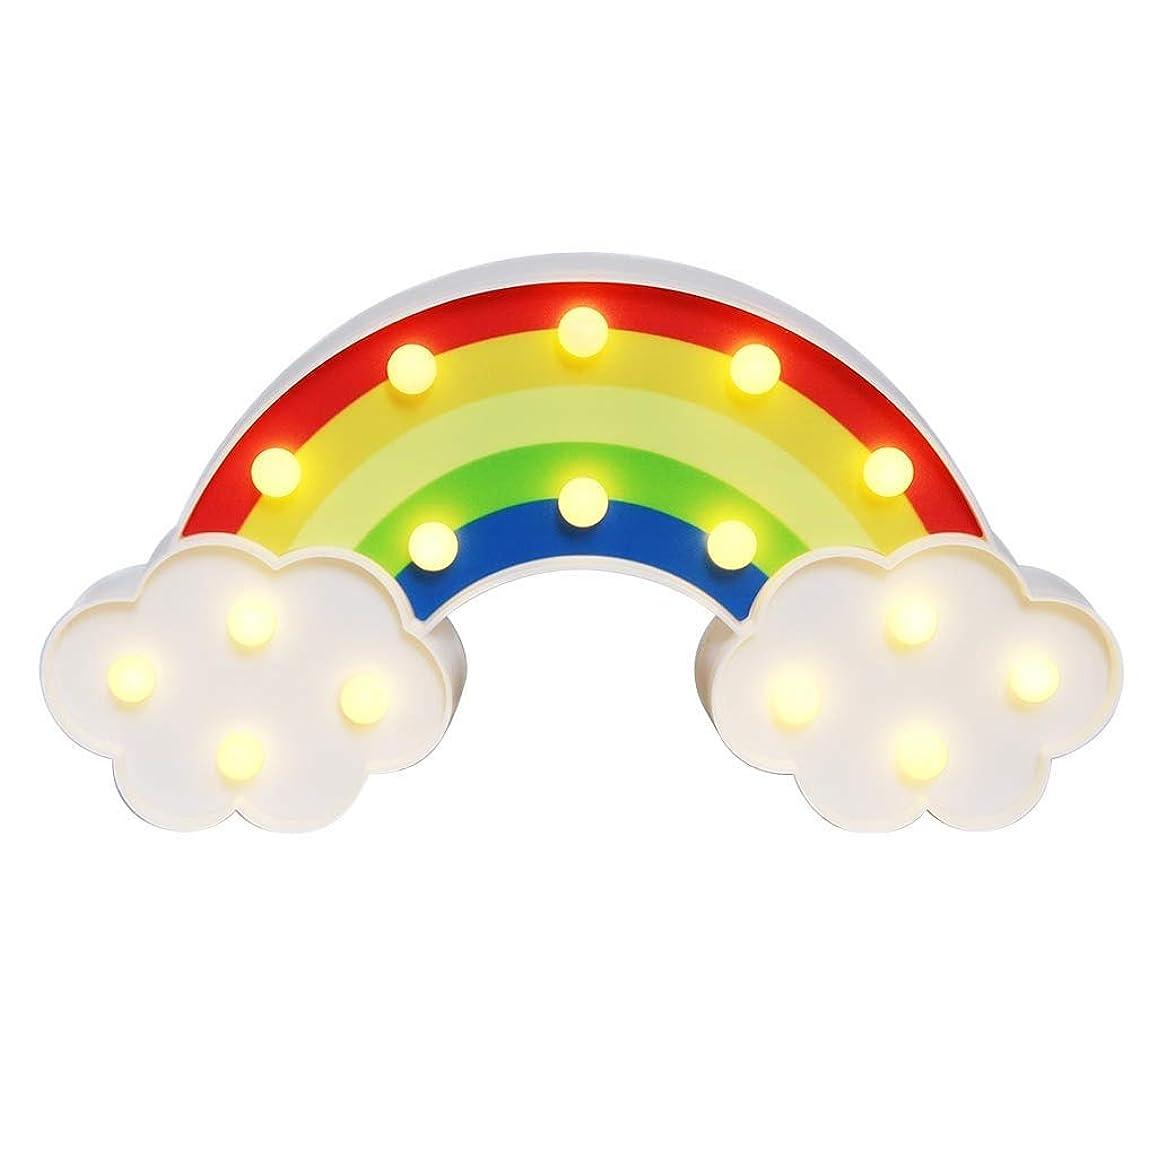 染色名声挑発するYingkou LED レインボー モデリングライト 3dナイトライト デスクトップクリエイティブ ナイトライト 用赤ちゃん 子供 寝室 レインボーライト